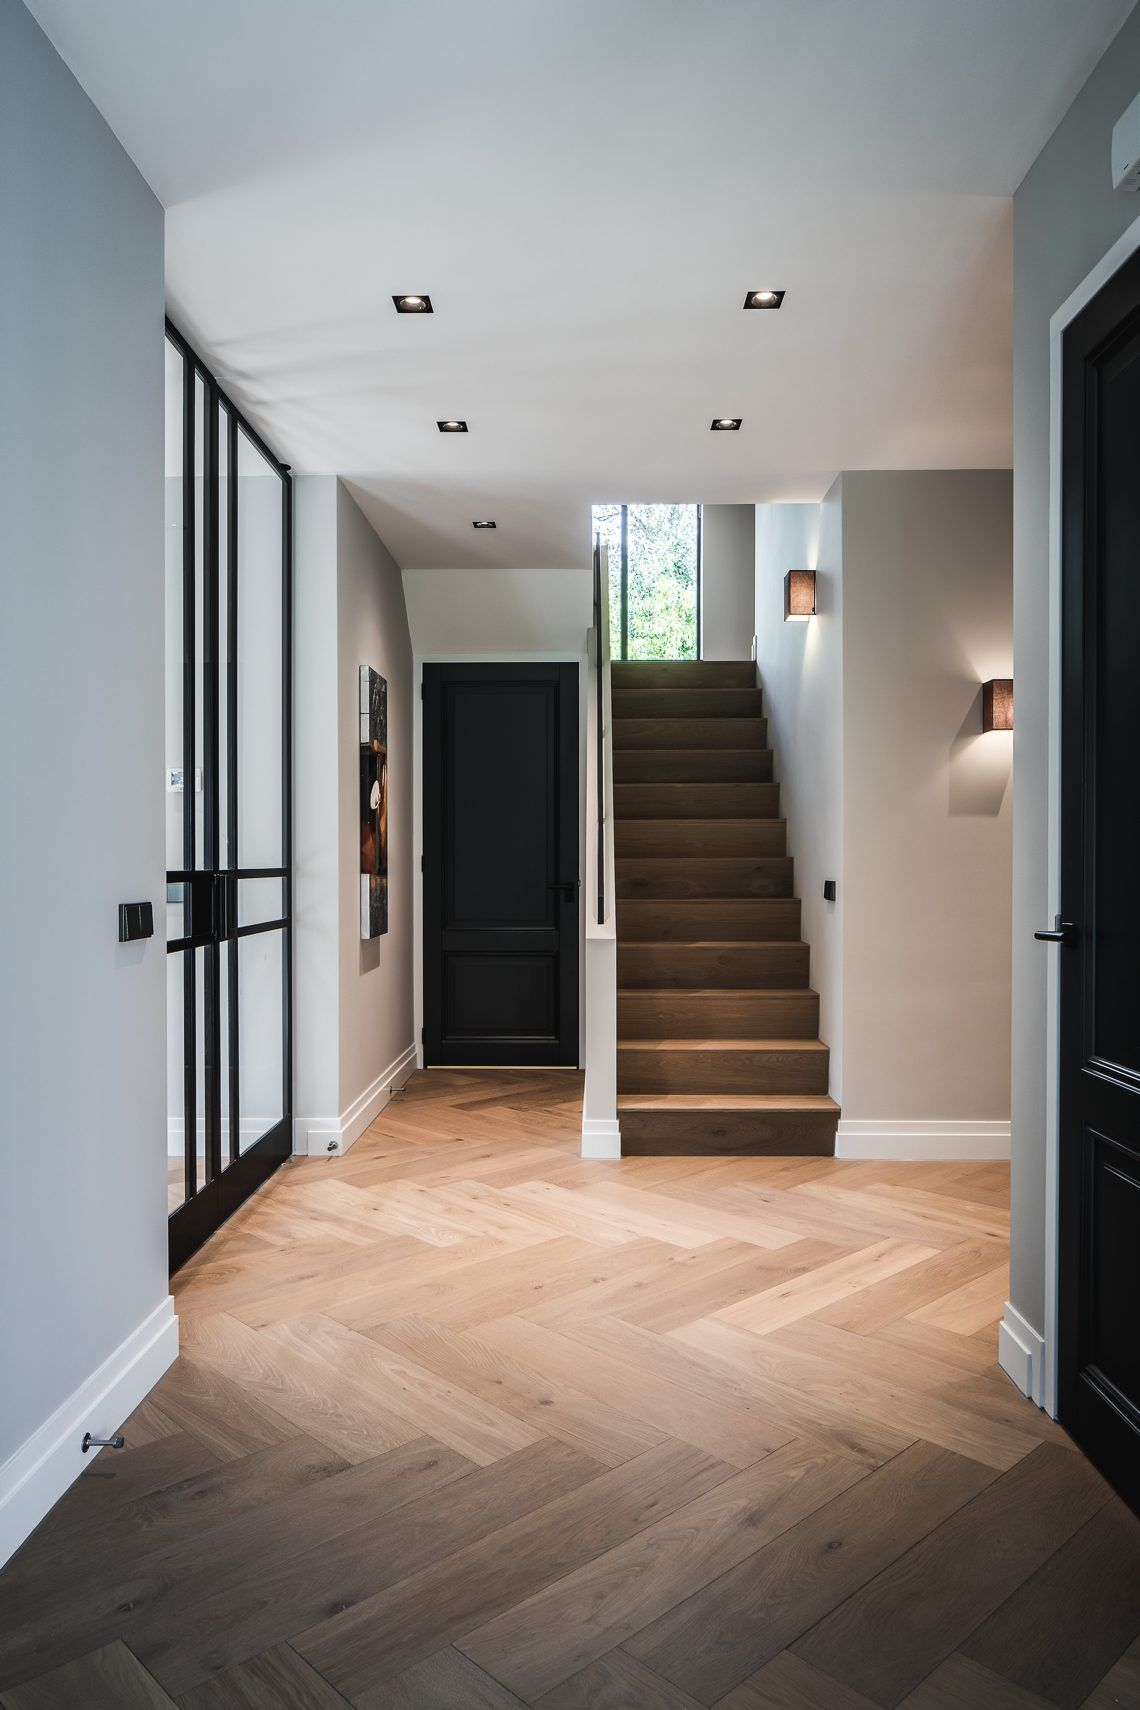 Nobel Flooring - Houten vloer groot model visgraat - Hoog ■ Exclusieve woon- en tuin inspiratie. #halinrichting